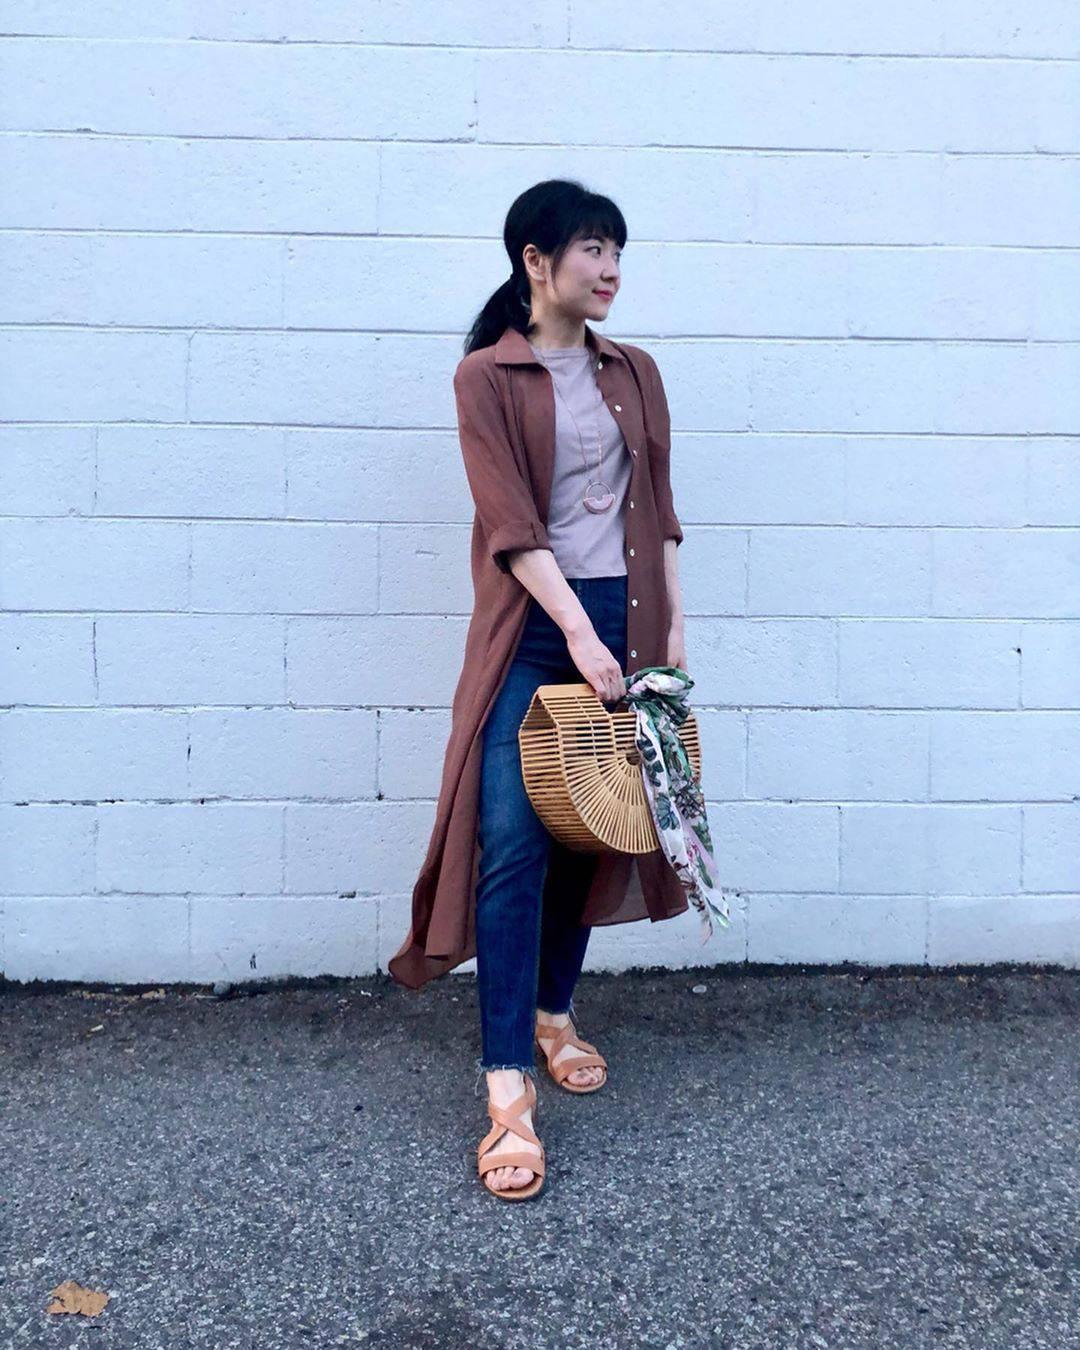 最高気温35度・最低気温26度 i.styleclosetの服装